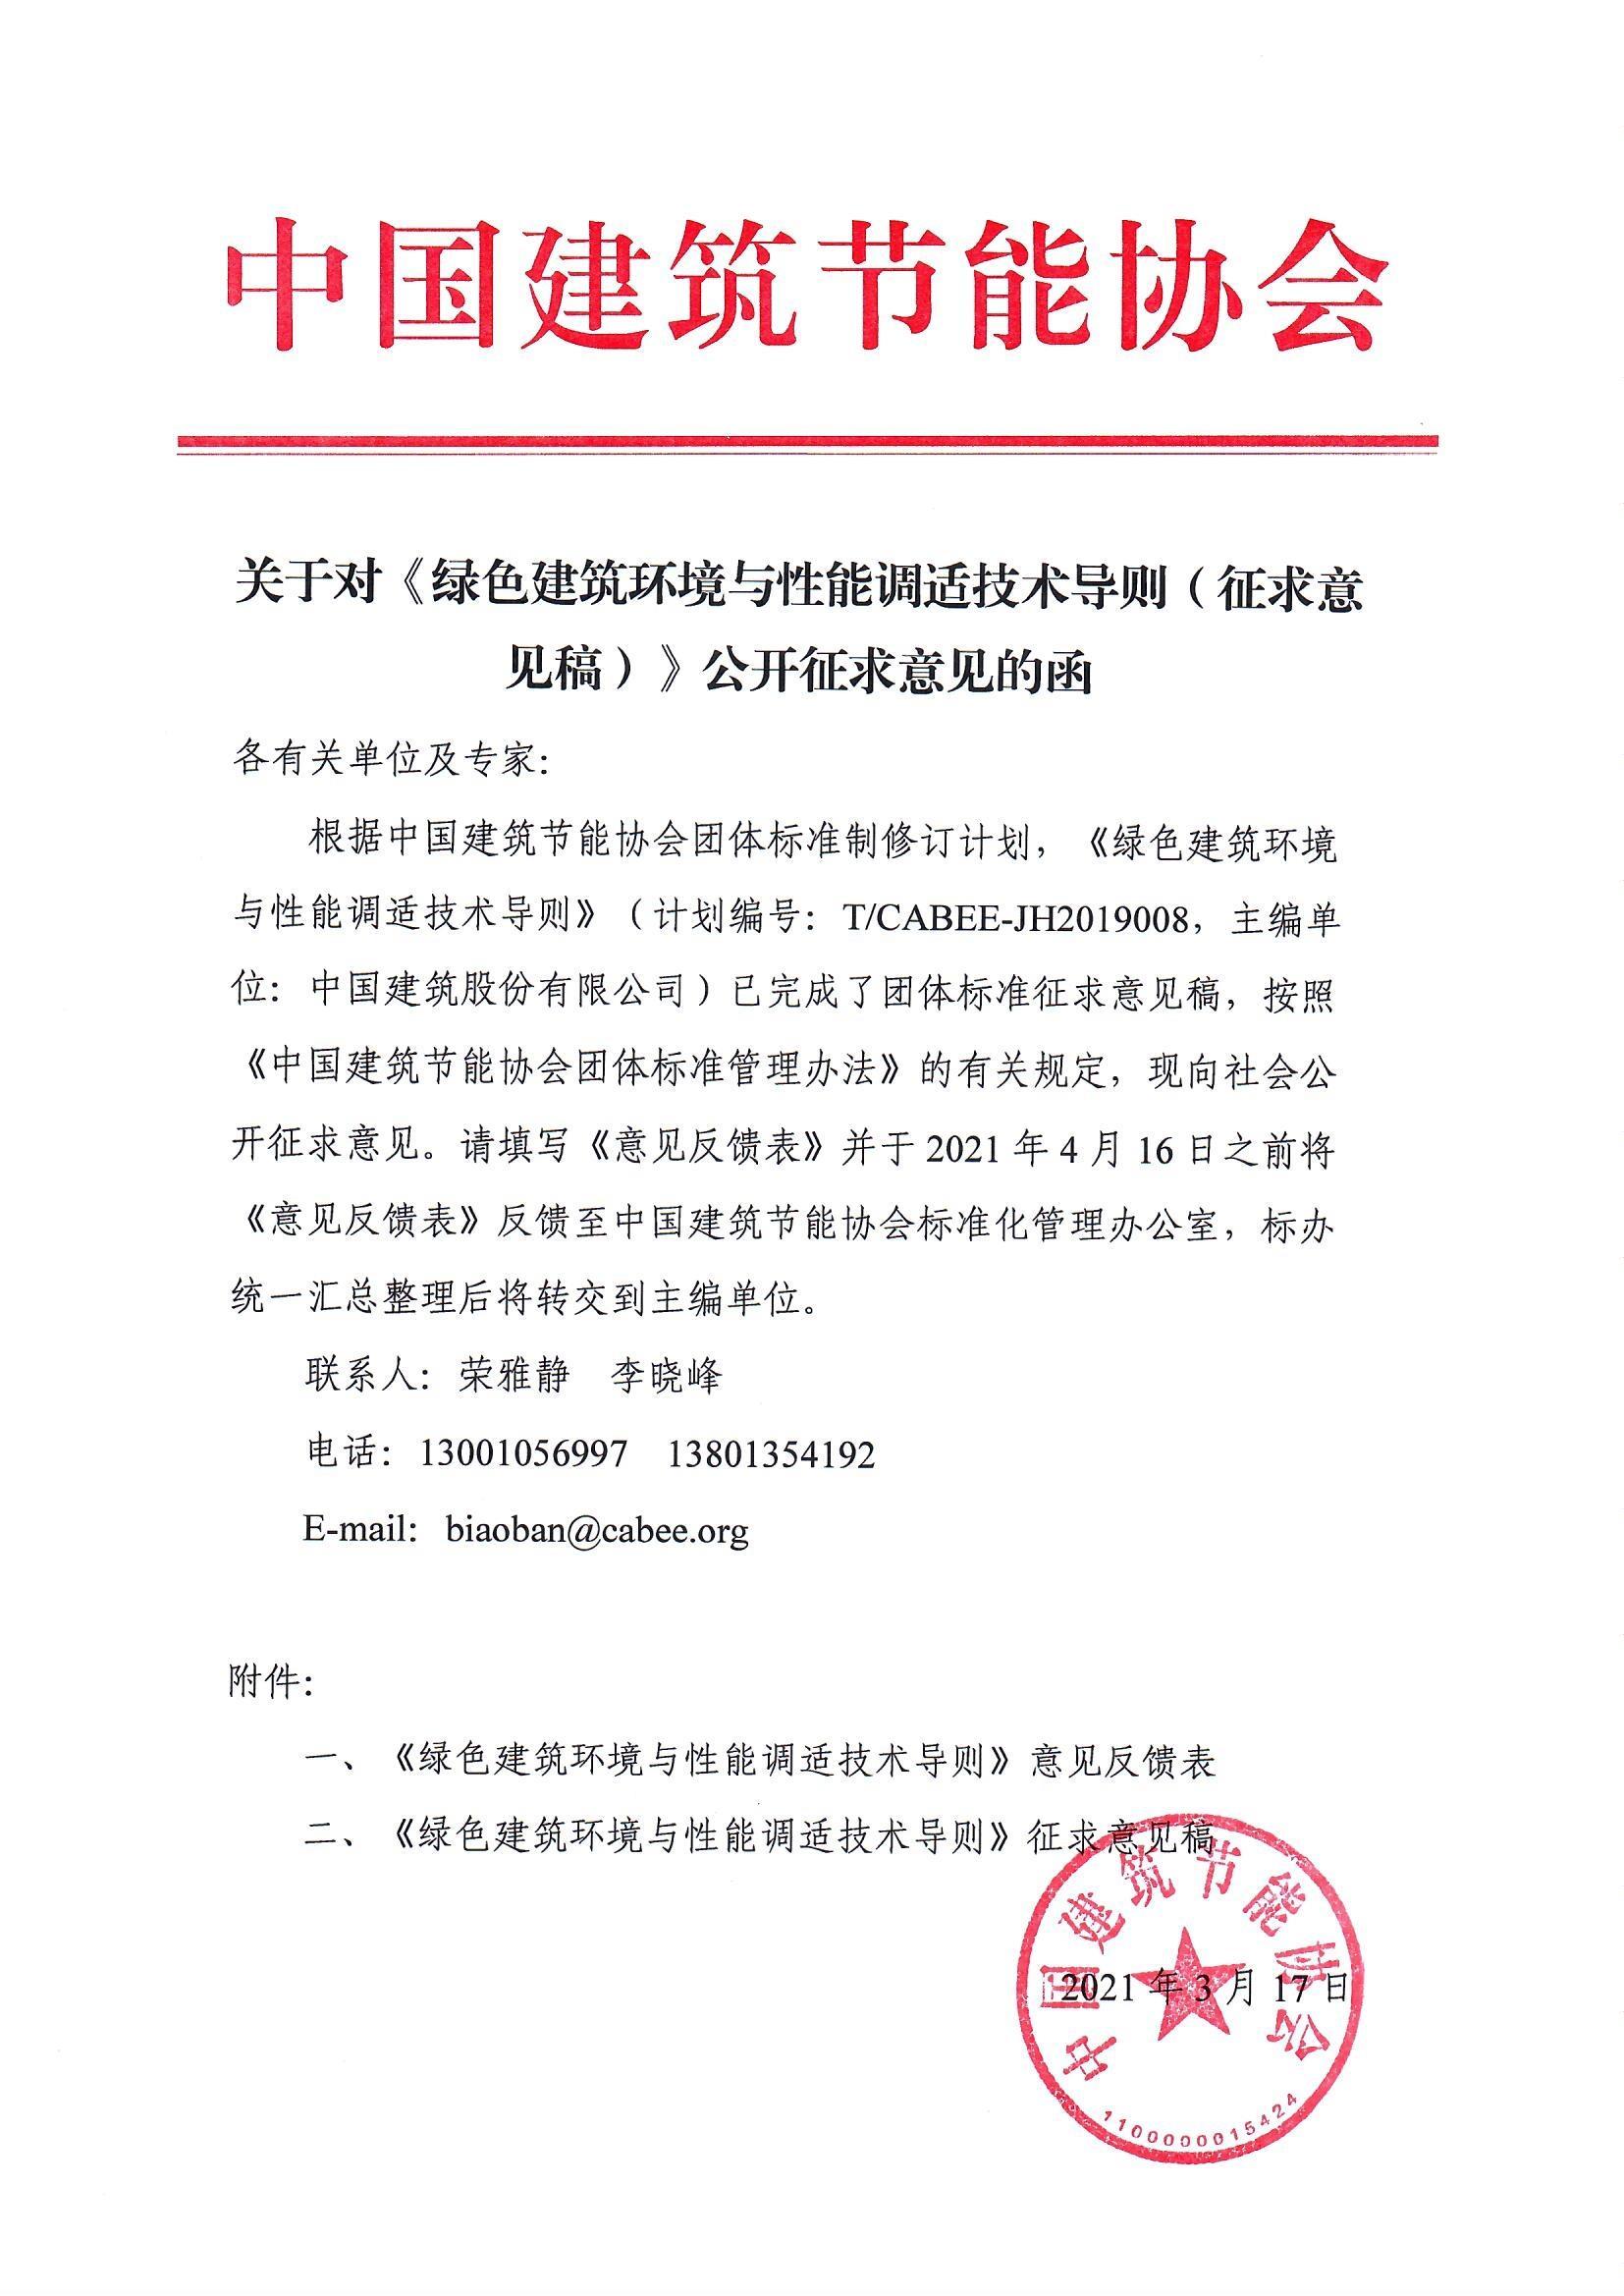 关于对《绿色建筑环境与性能调适技术导则(征求意见稿)》公开征求意见的函.jpg